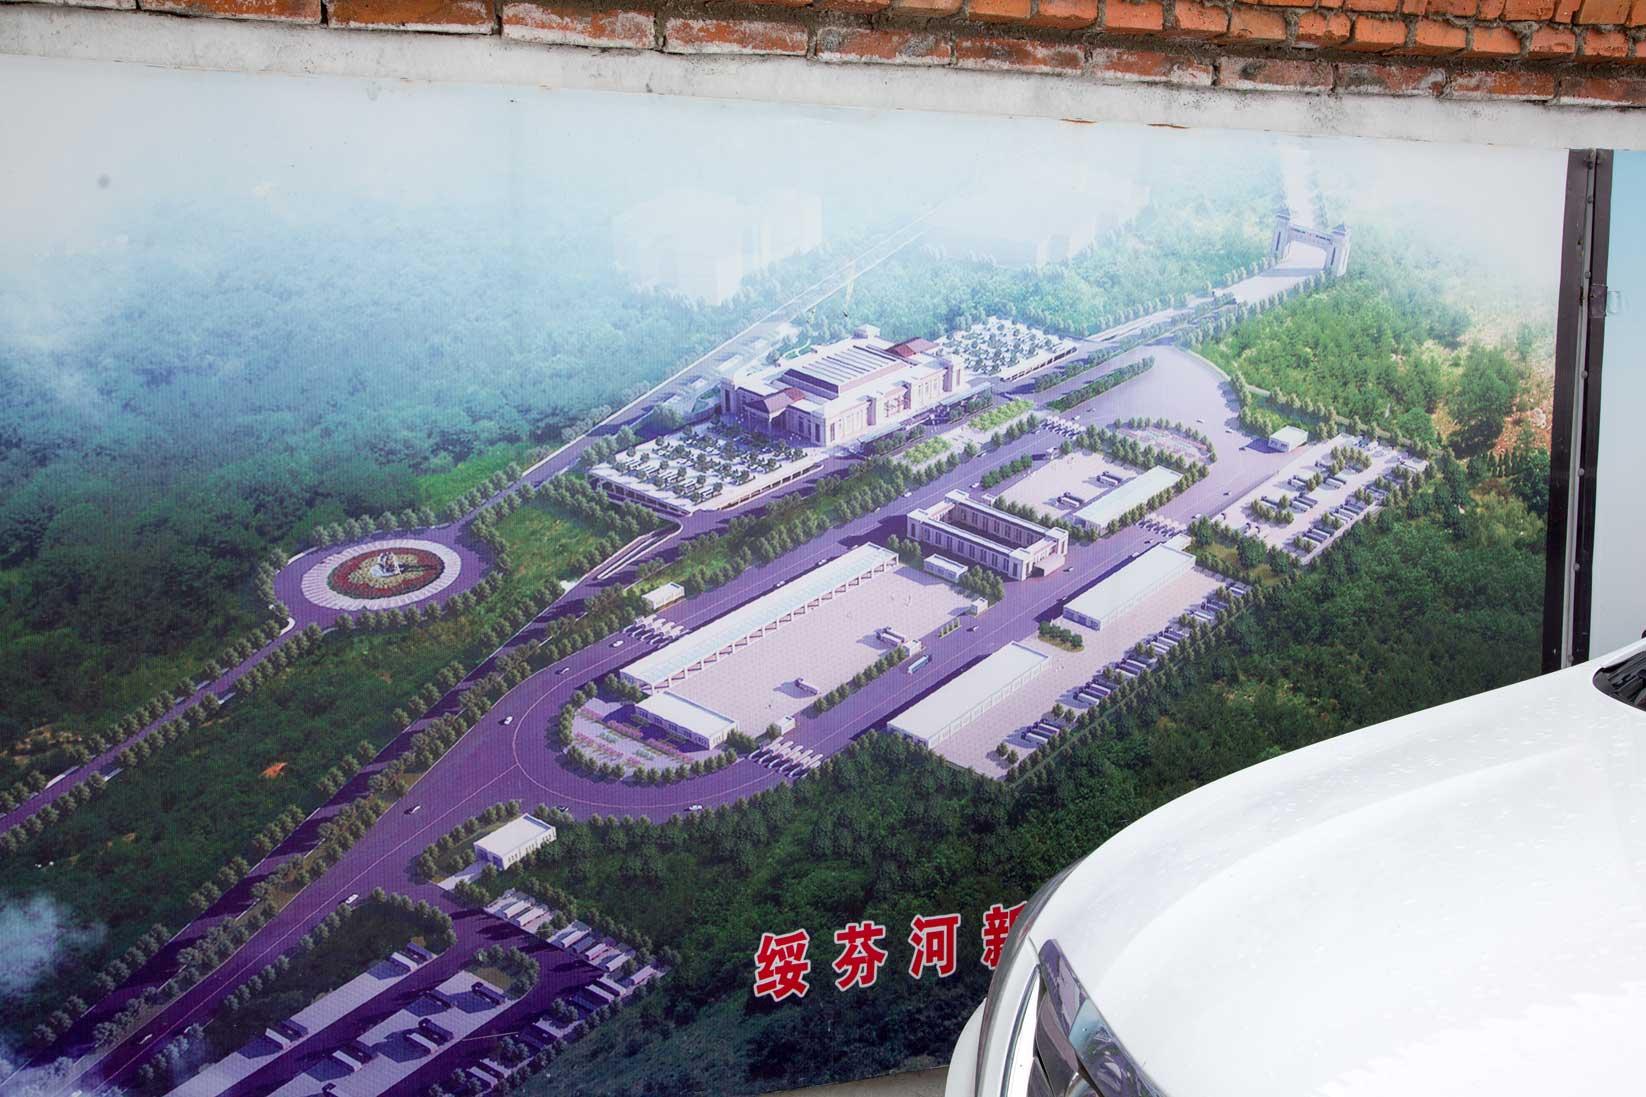 綏芬河の新国境ゲート建設は進行中_b0235153_1756453.jpg